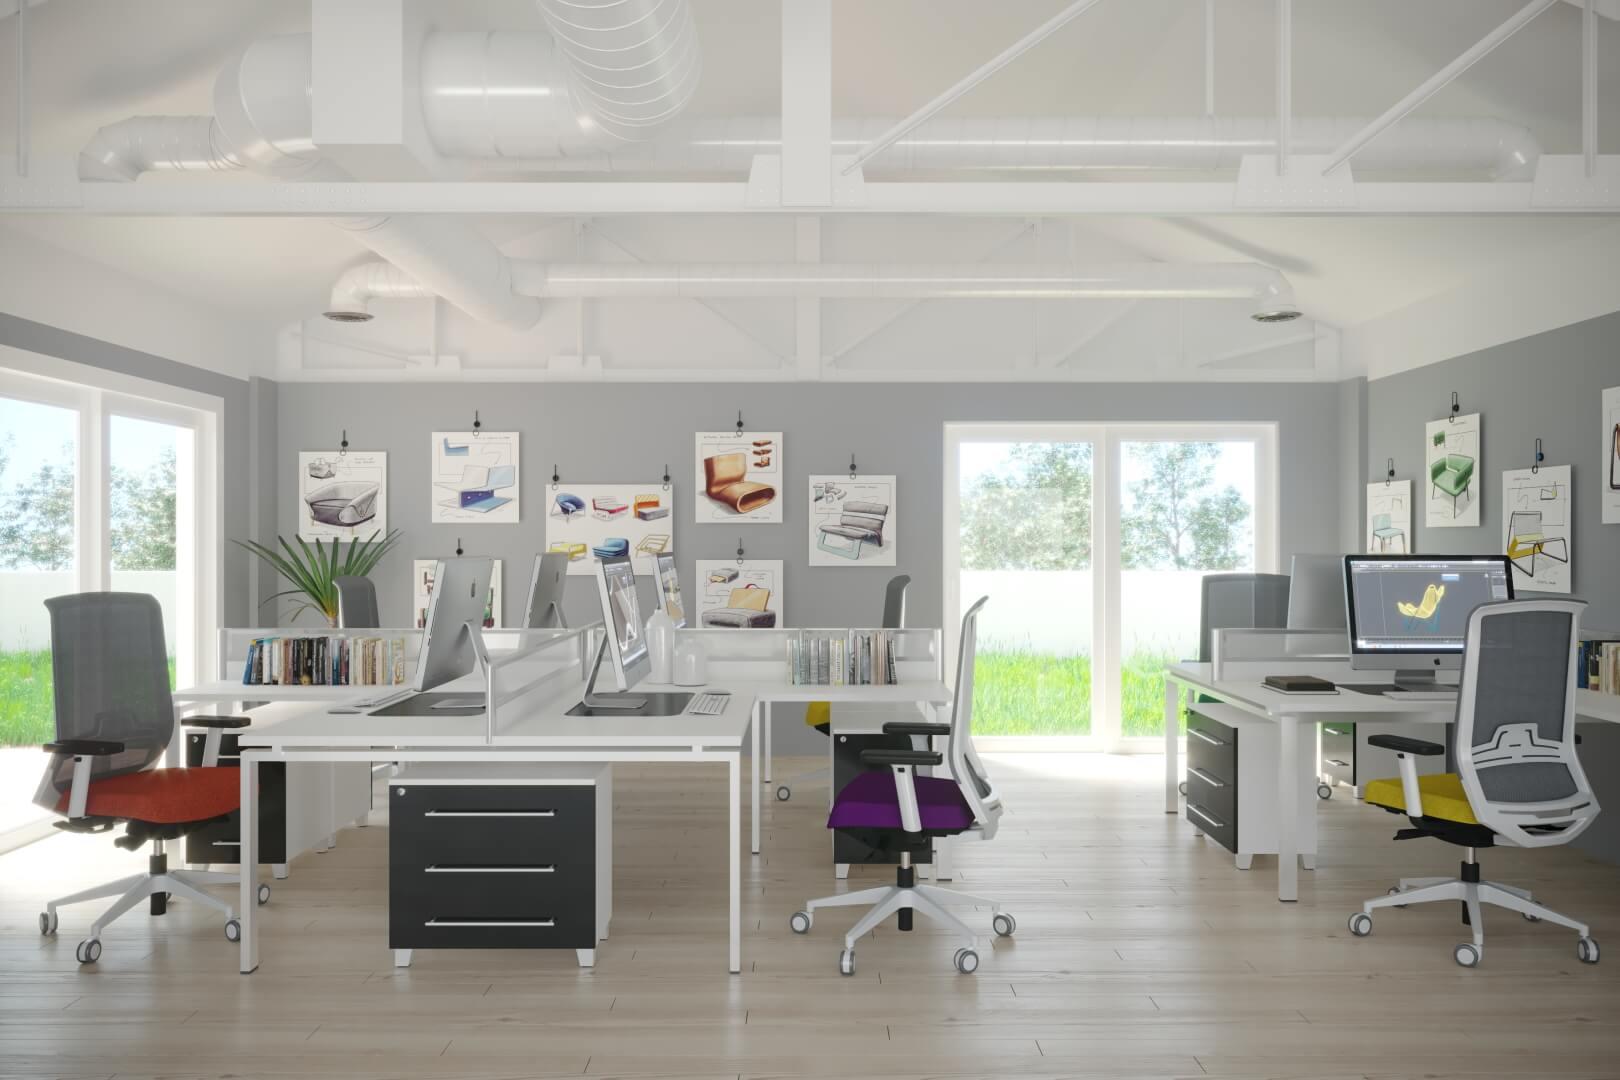 crise du secteur bureautique - covid et immobilier - rendu 3D de mobilier de bureau